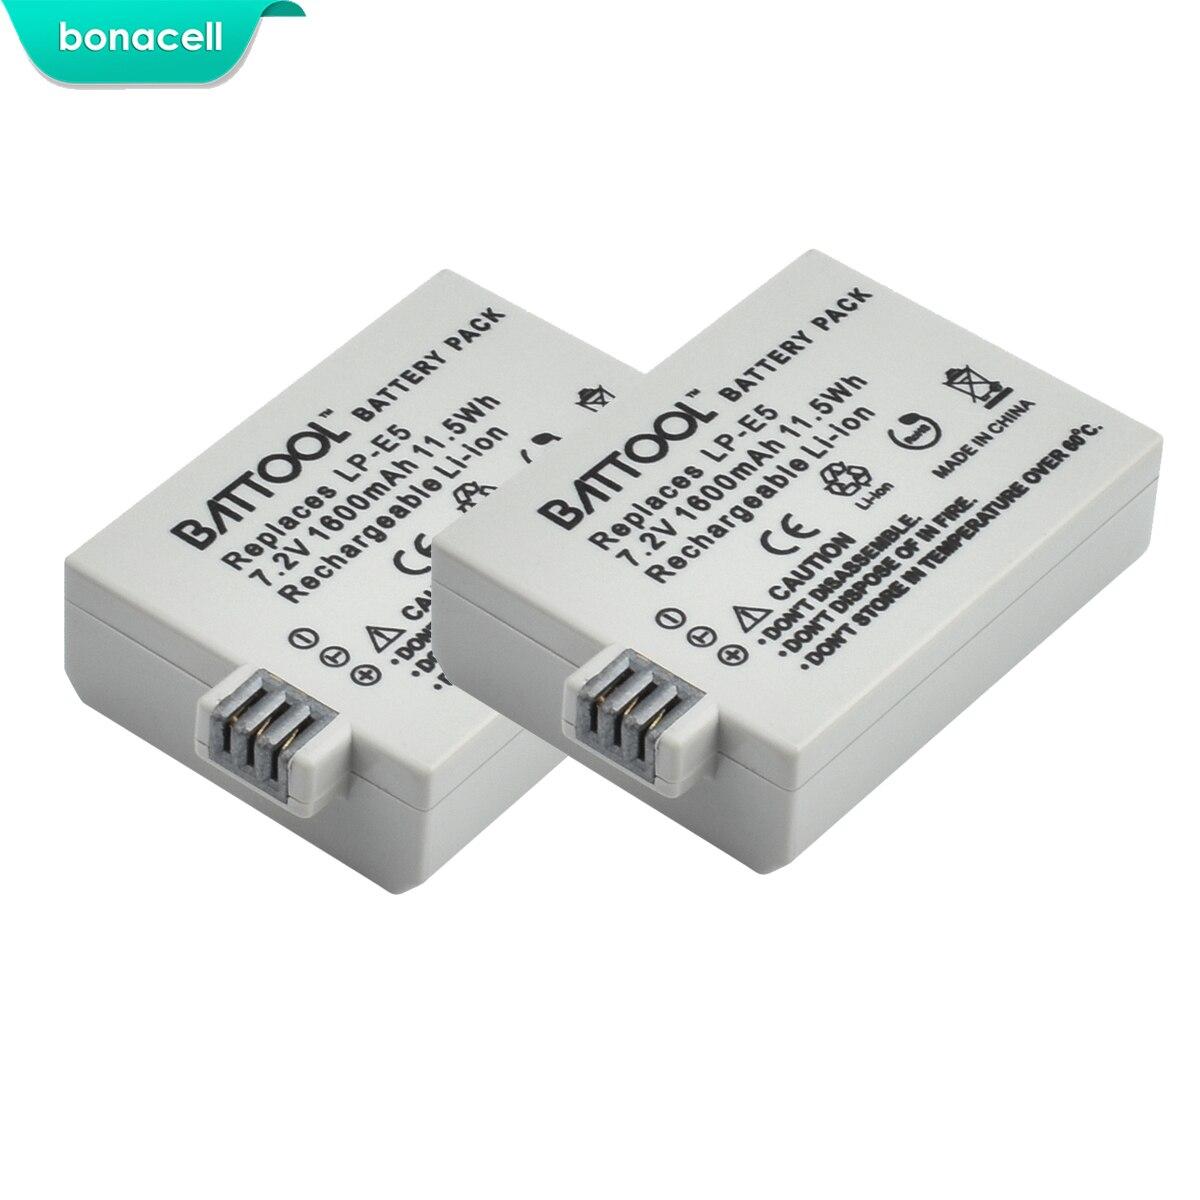 Bonacell 7.2V 1600mAh LP-E5 LPE5 LP E5 Camera Battery For Canon EOS EOS Rebel XS, Rebel T1i, Rebel XSi, 1000D, 500D,450D, L10